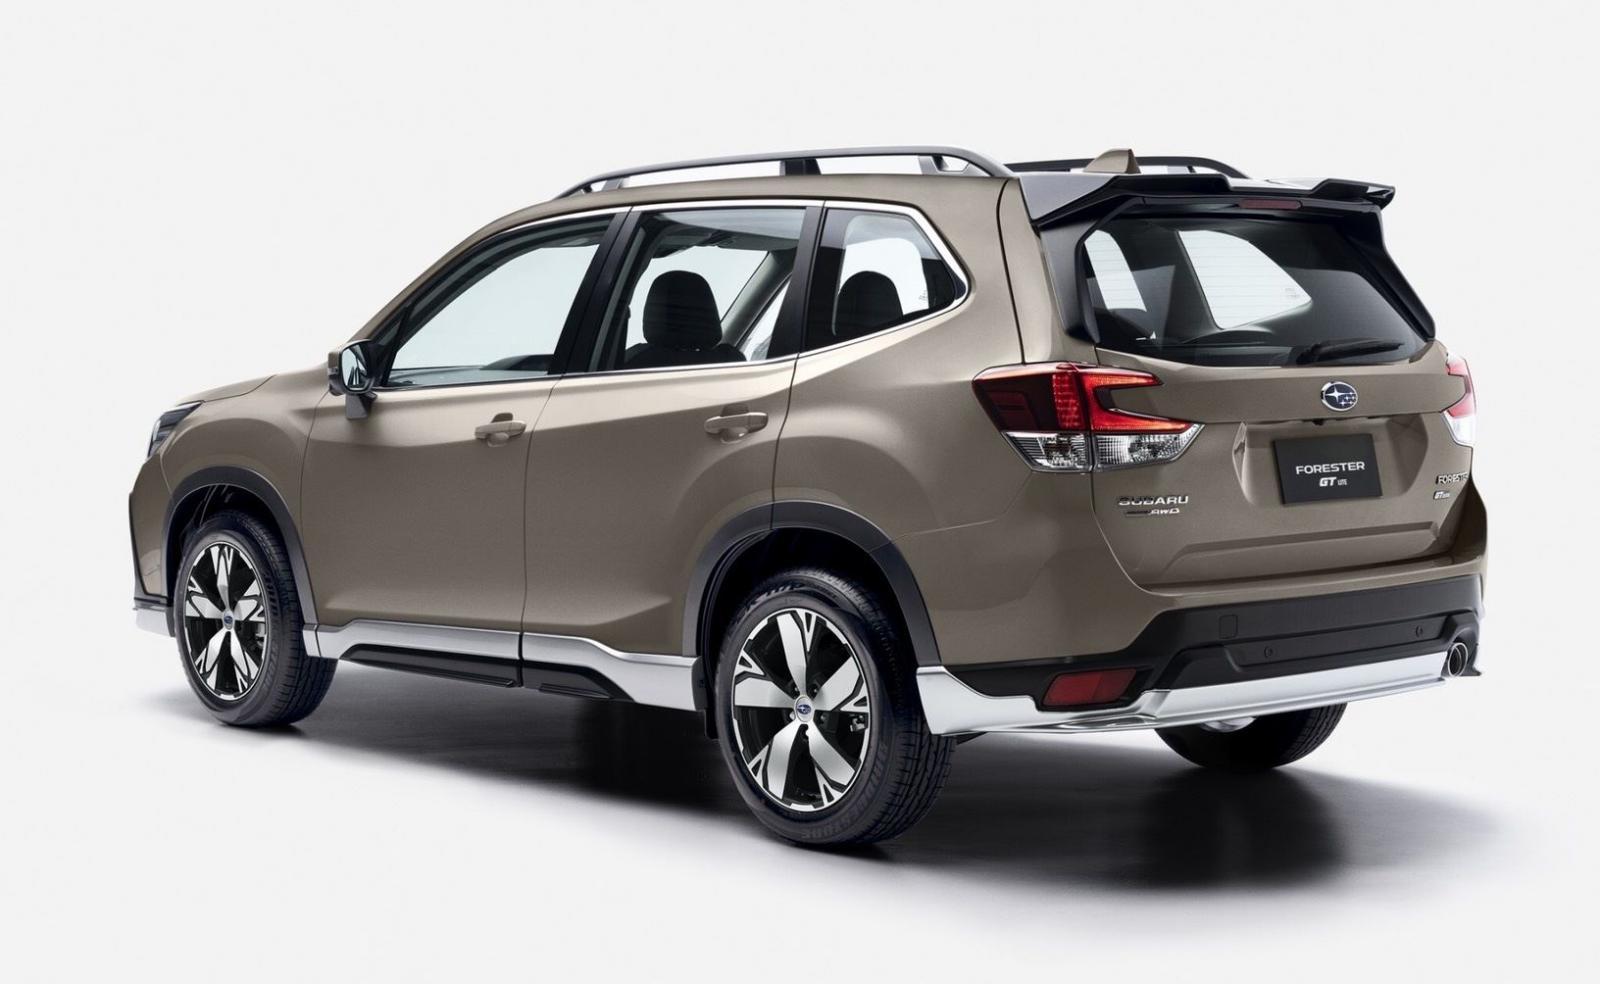 2021 Subaru Forester 2.0i-S GT Lite